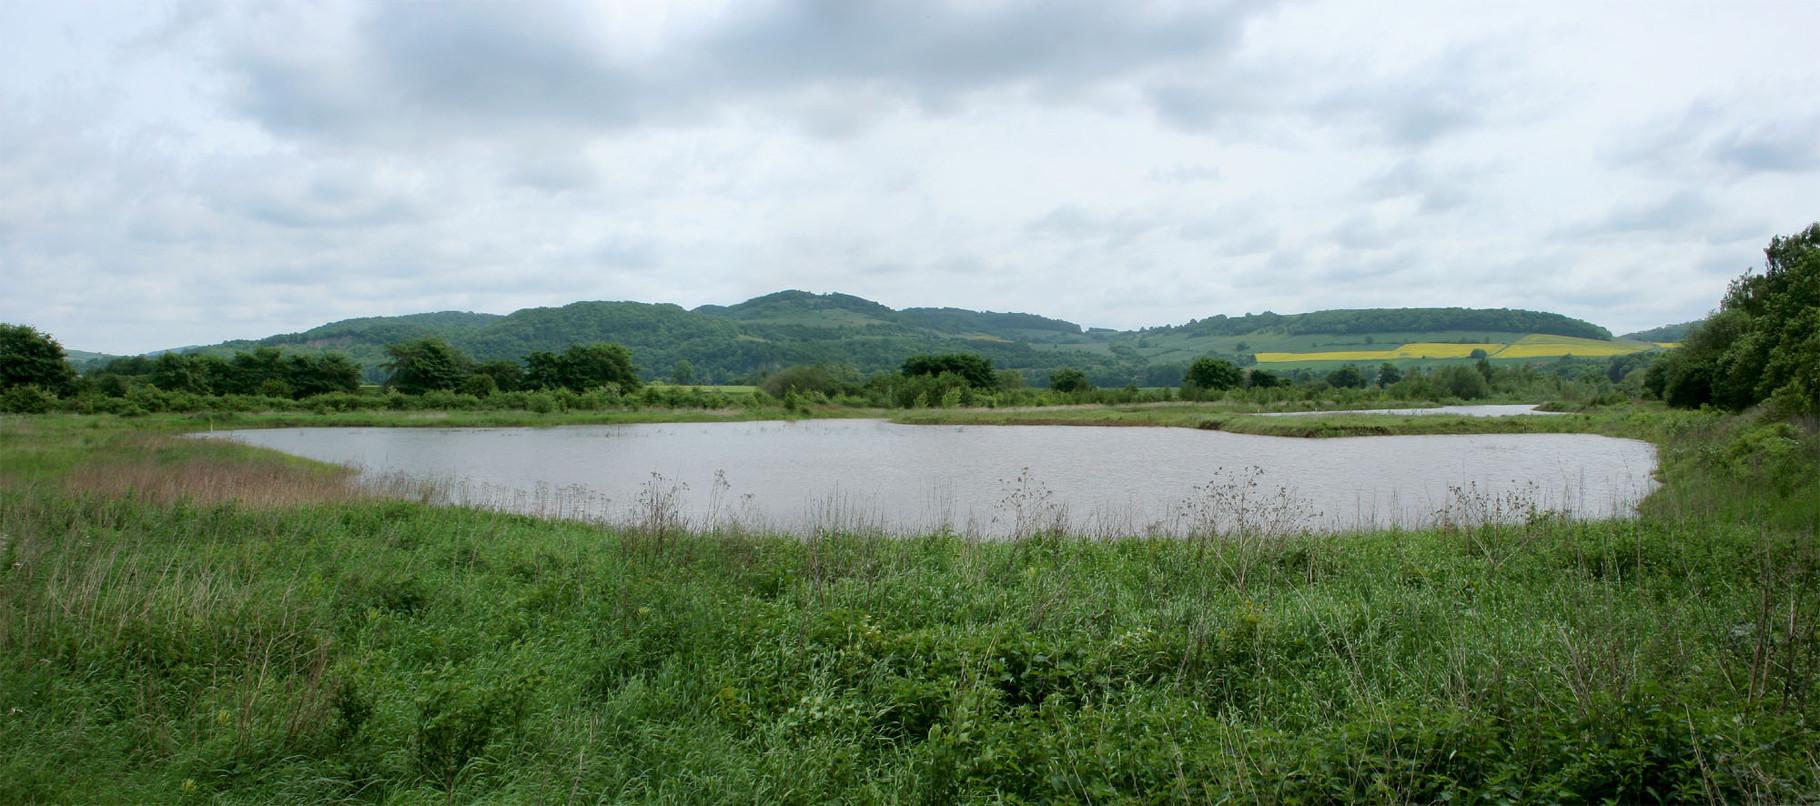 Flutmulde bei Hochwasser (Foto: Stefanie Beyer)